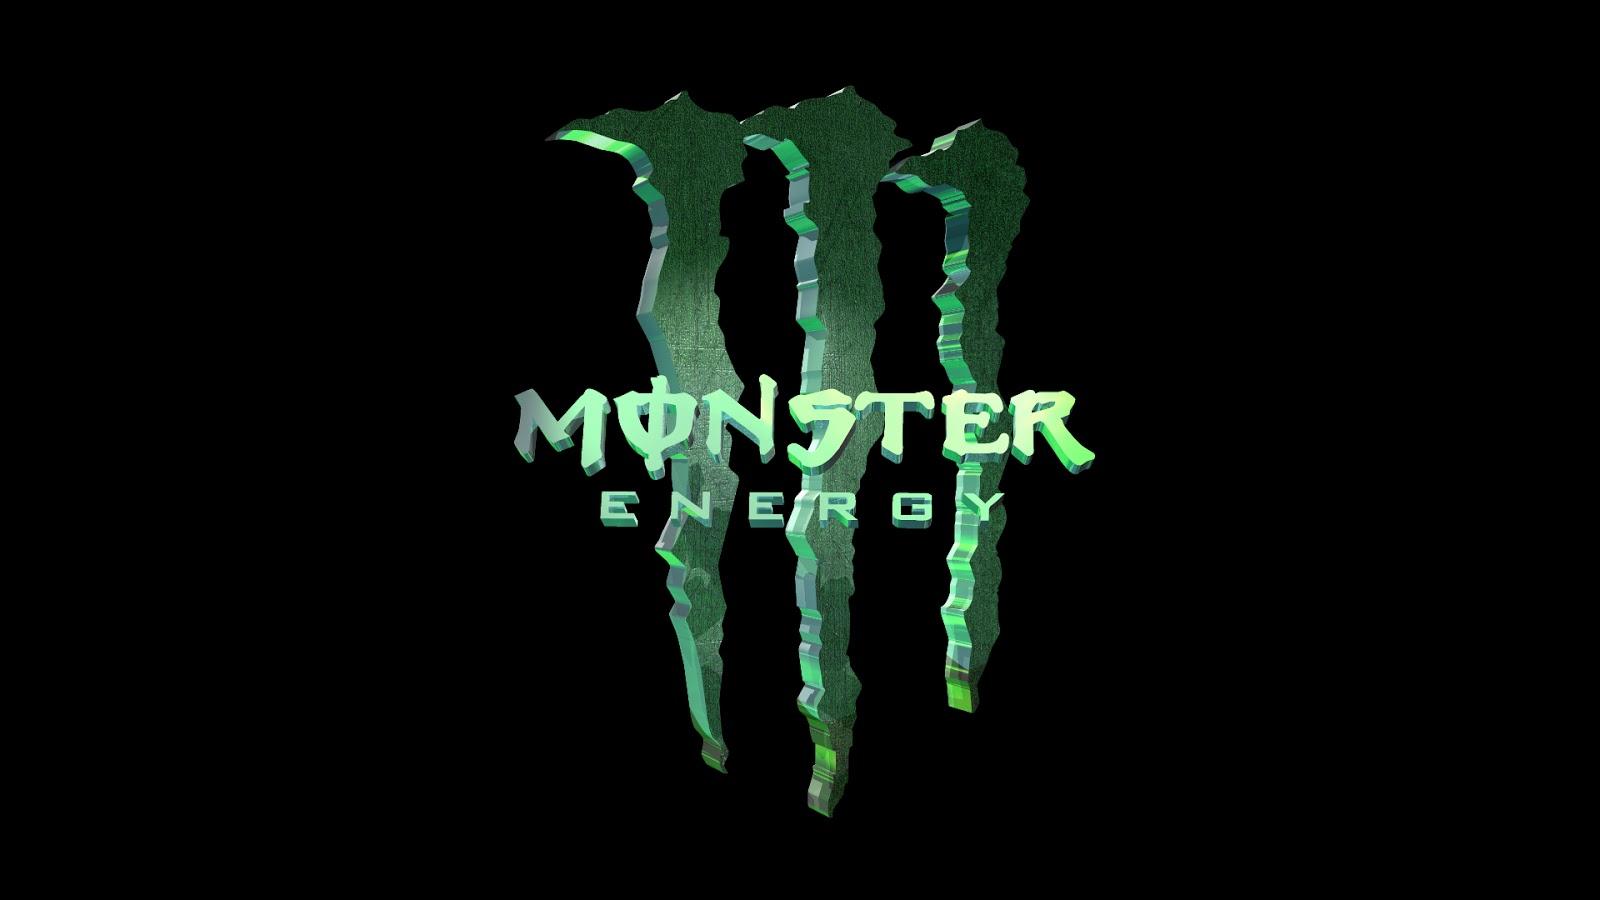 3D Monster Energy monster energy drink 23885321 1920 1080jpg 1600x900